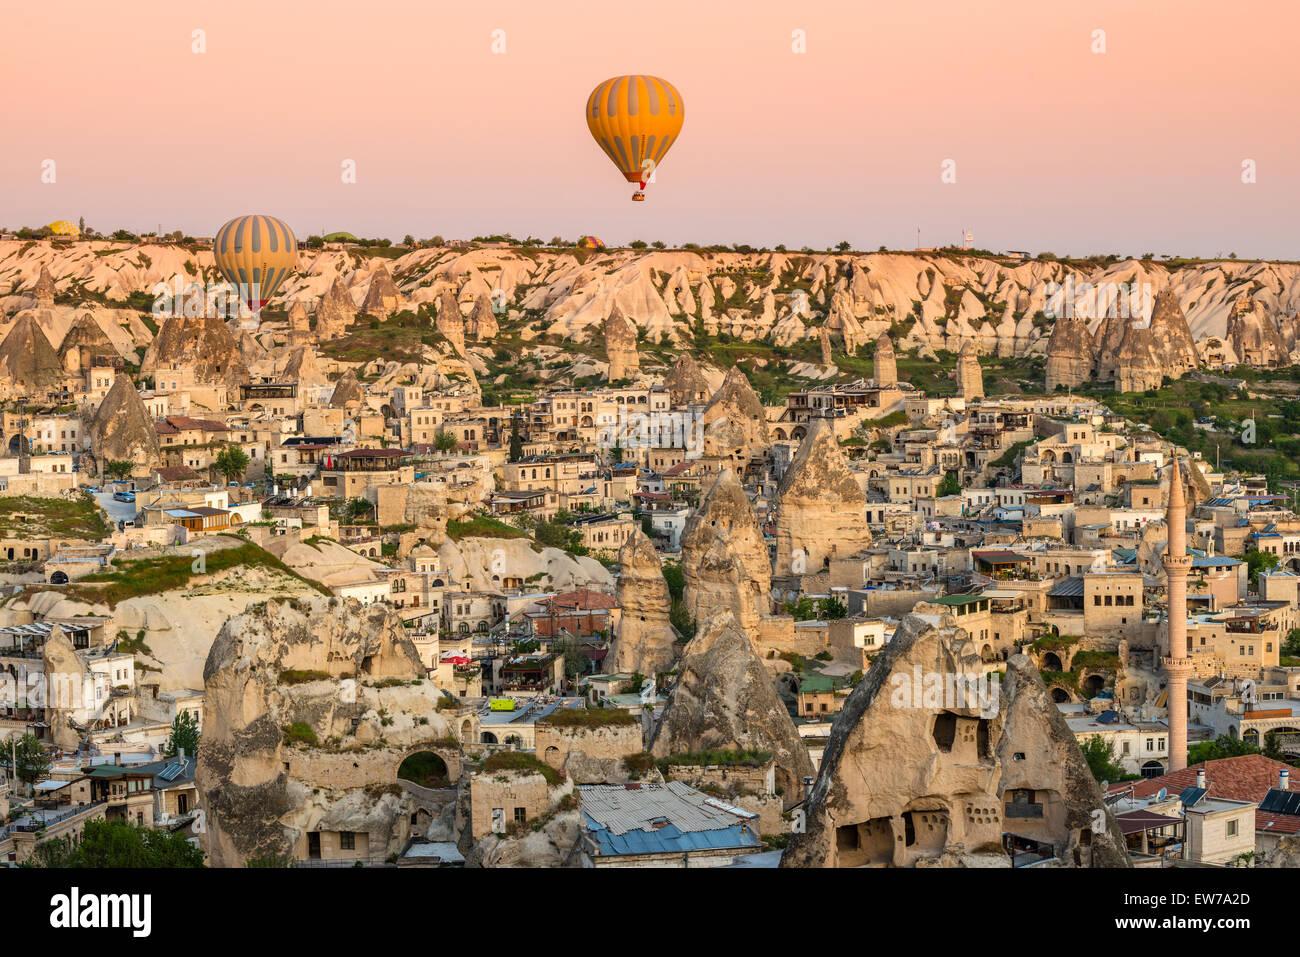 Vista superior de Goreme con globos de aire caliente al amanecer, Cappadocia, Turquía Imagen De Stock